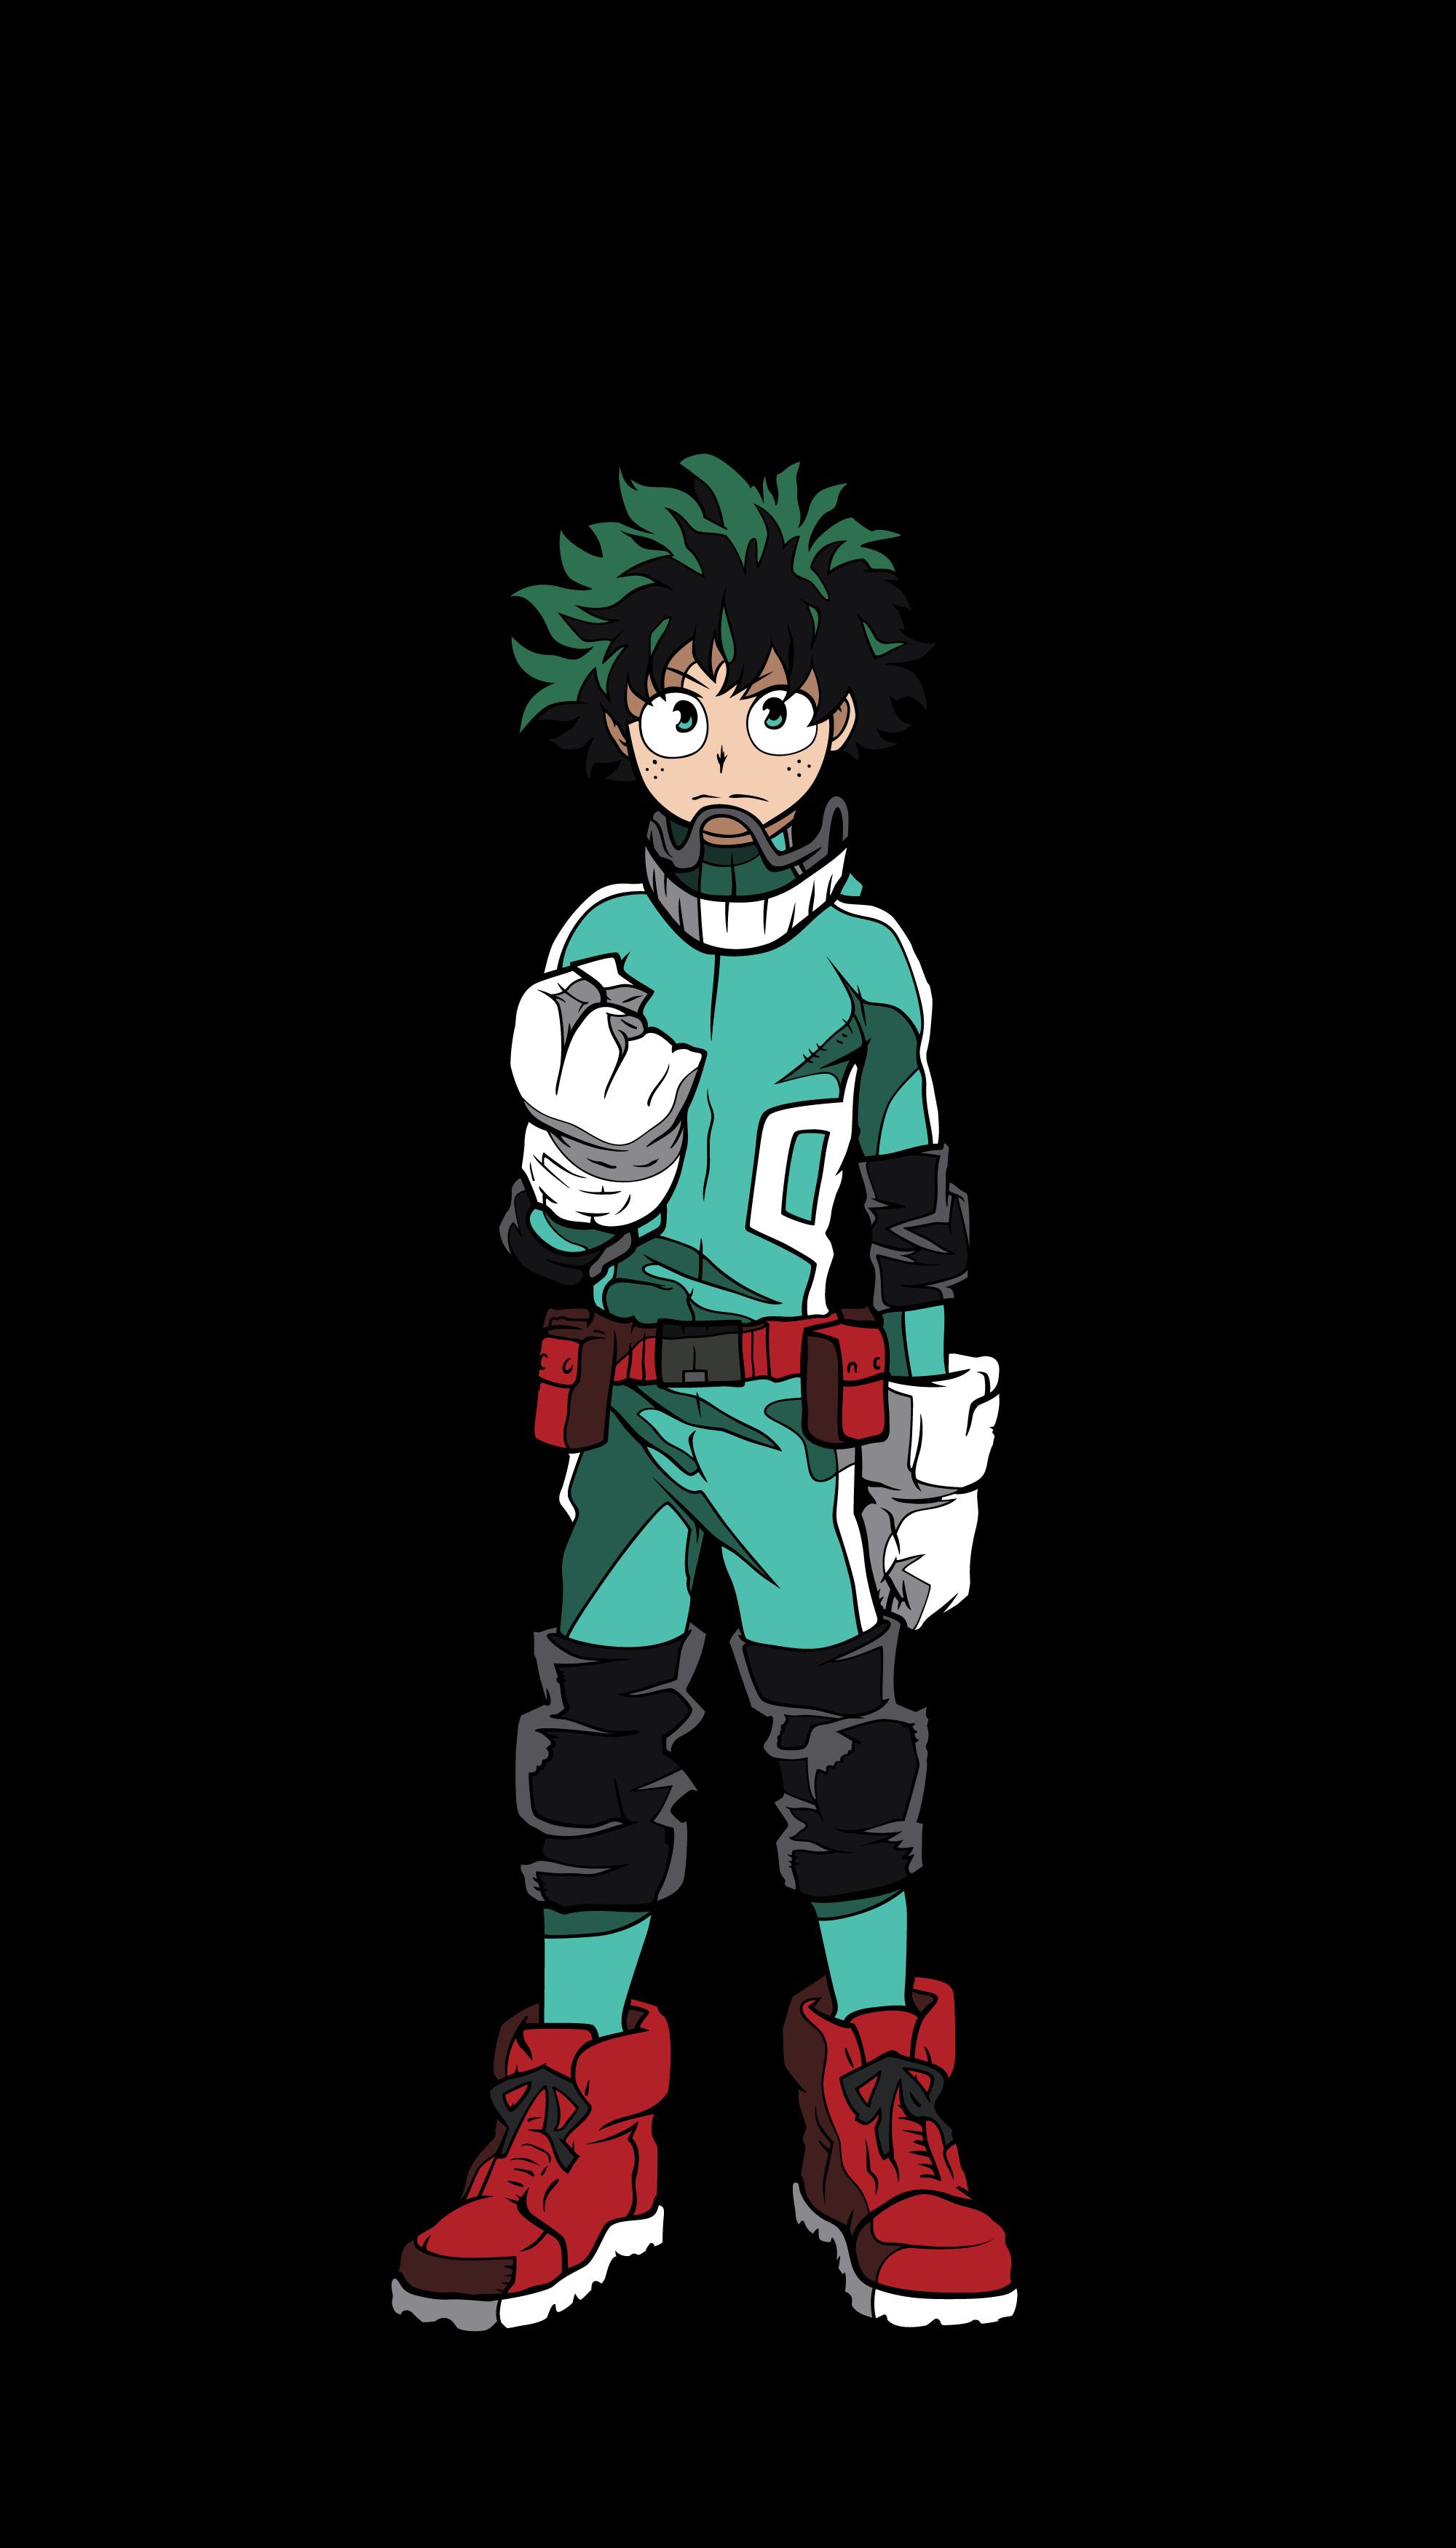 My Hero Academia Izuku Midoriya 135 Figpin My Hero Academia My Hero My Hero Academia Manga